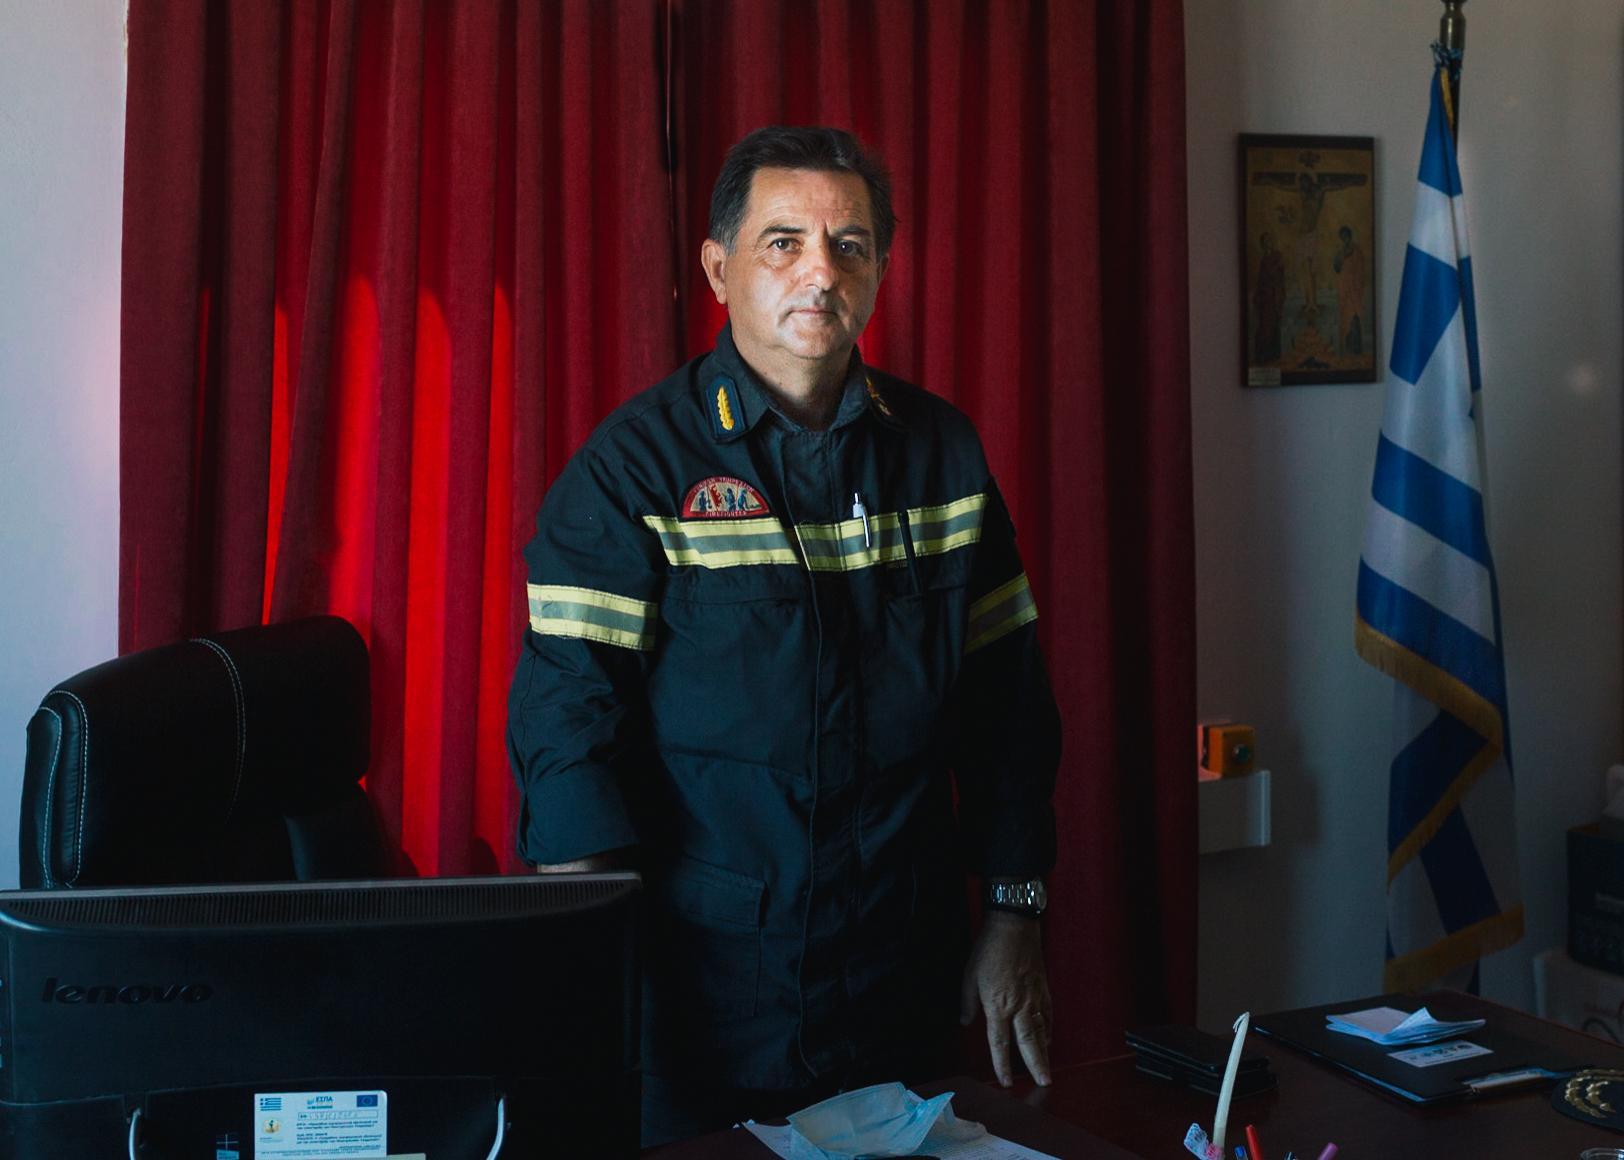 Konstantions Theofilopoulos, Chef der Feuerbrigade in der Nord-Ägäis. Zuletzt kam es in Moria jede Woche zu zahlreichen Bränden, teils mehrere an einem Tag.